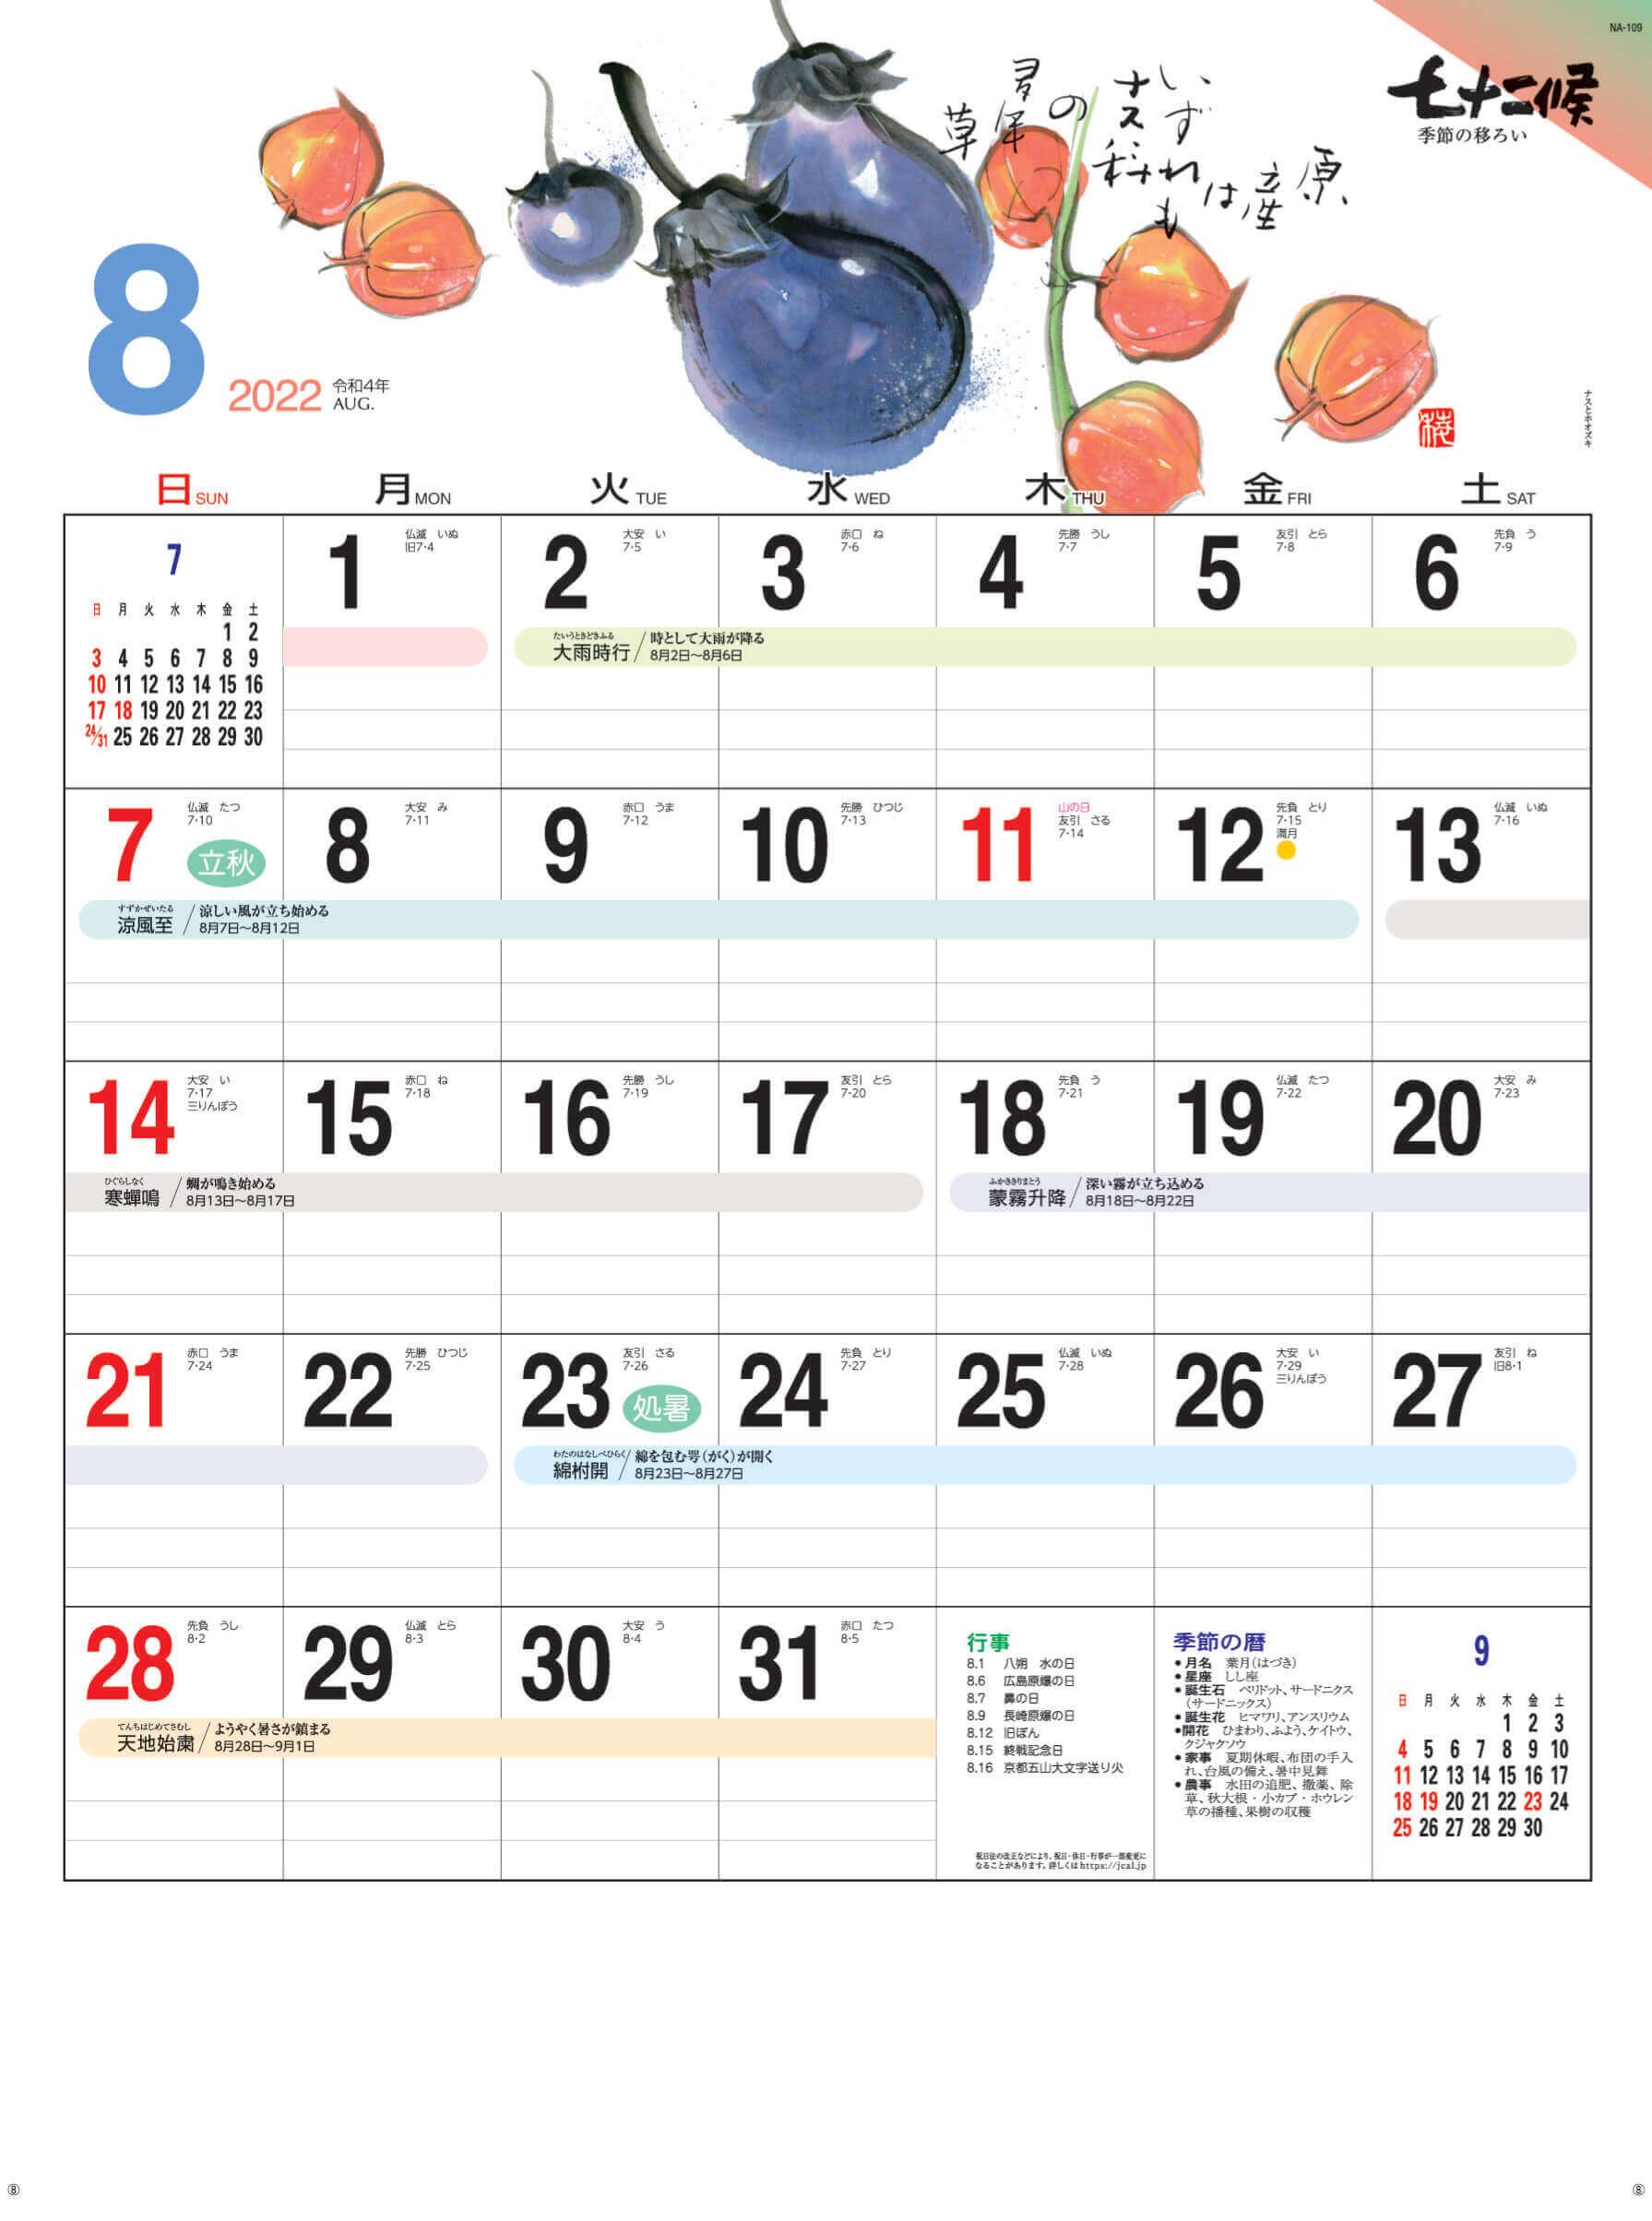 ナスとホオズキ 七十二候 2022年カレンダーの画像